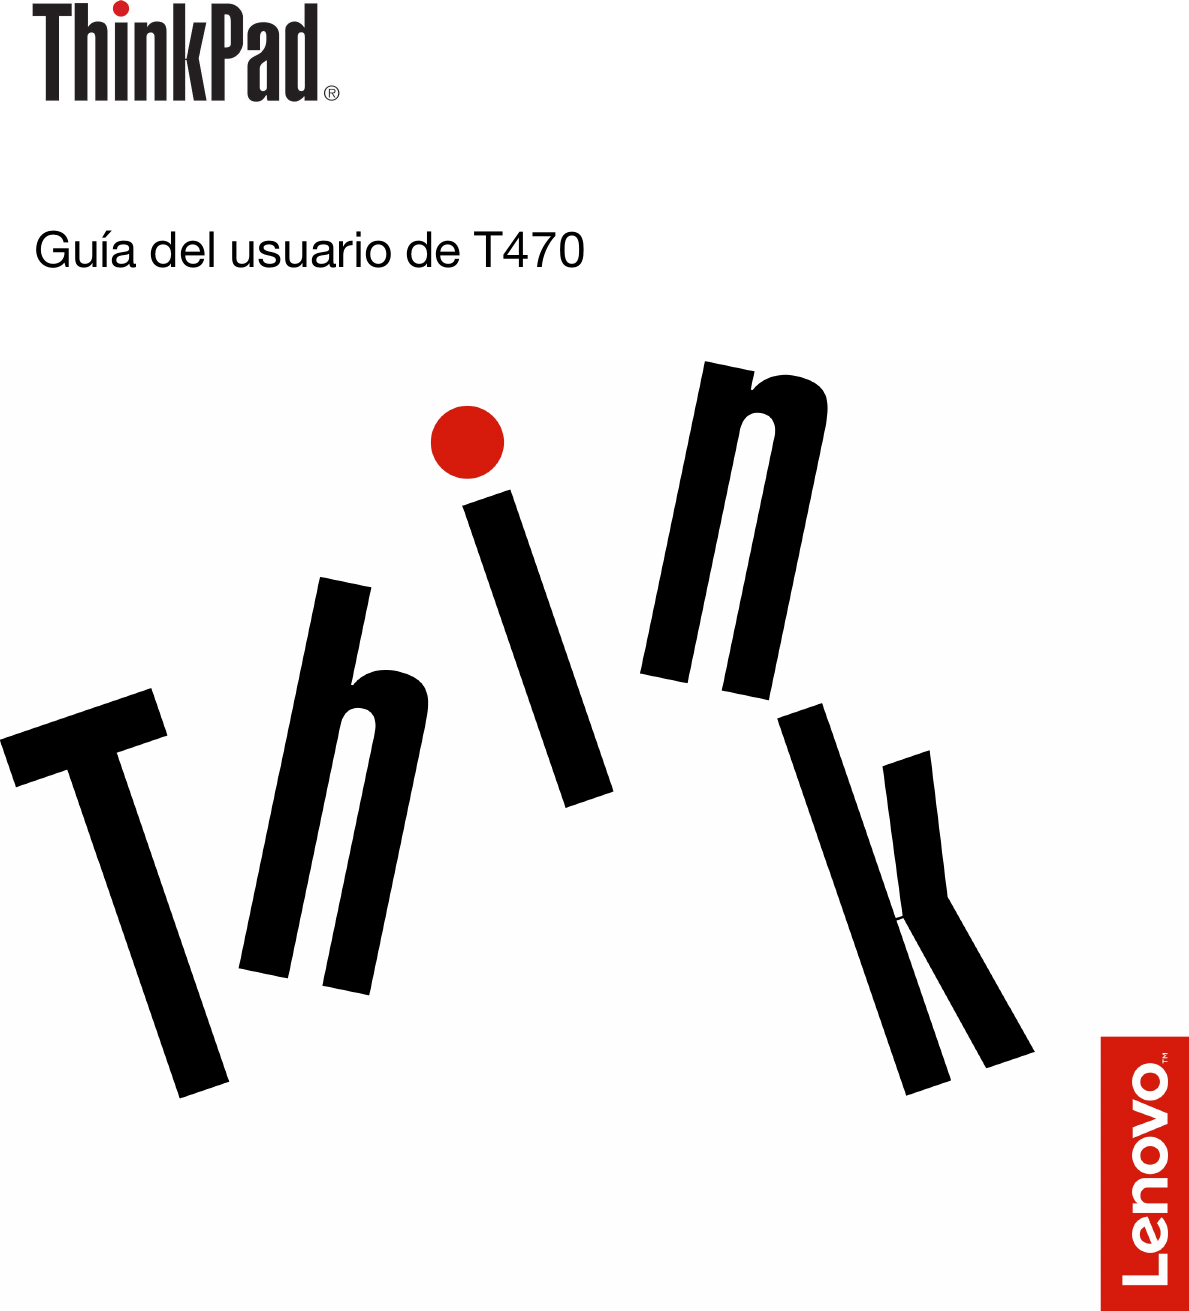 Lenovo T470 Ug Es Guía Del Usuario De User Manual (Spanish